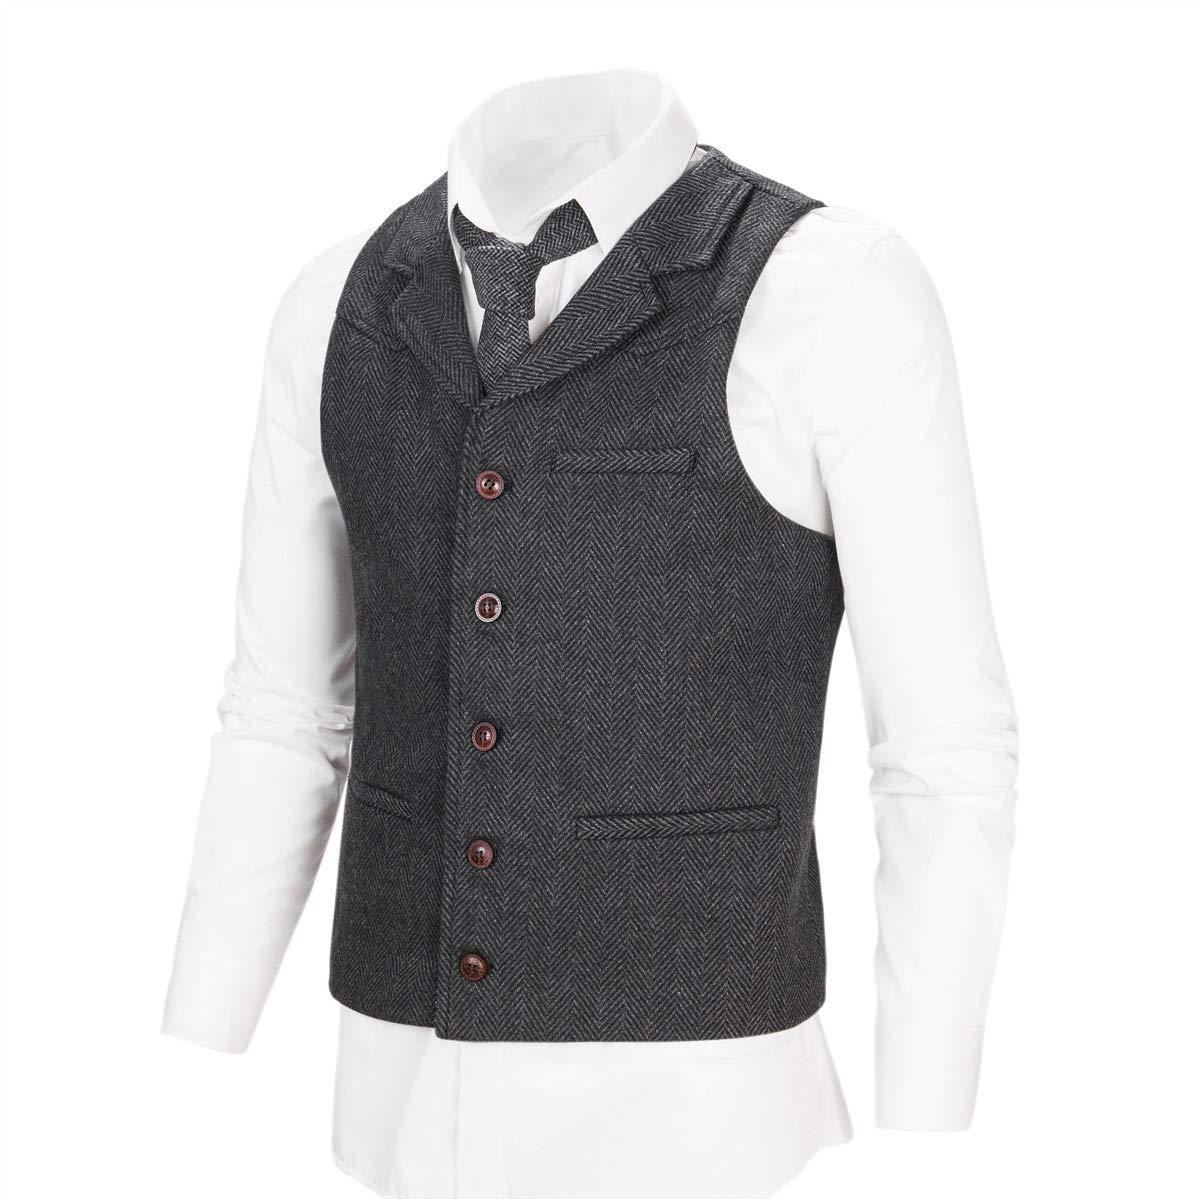 BOTVELA Mens Wool Blend Collared Slim Fit Suit Vest Notched Lapel Waistcoat Herringbone Solid